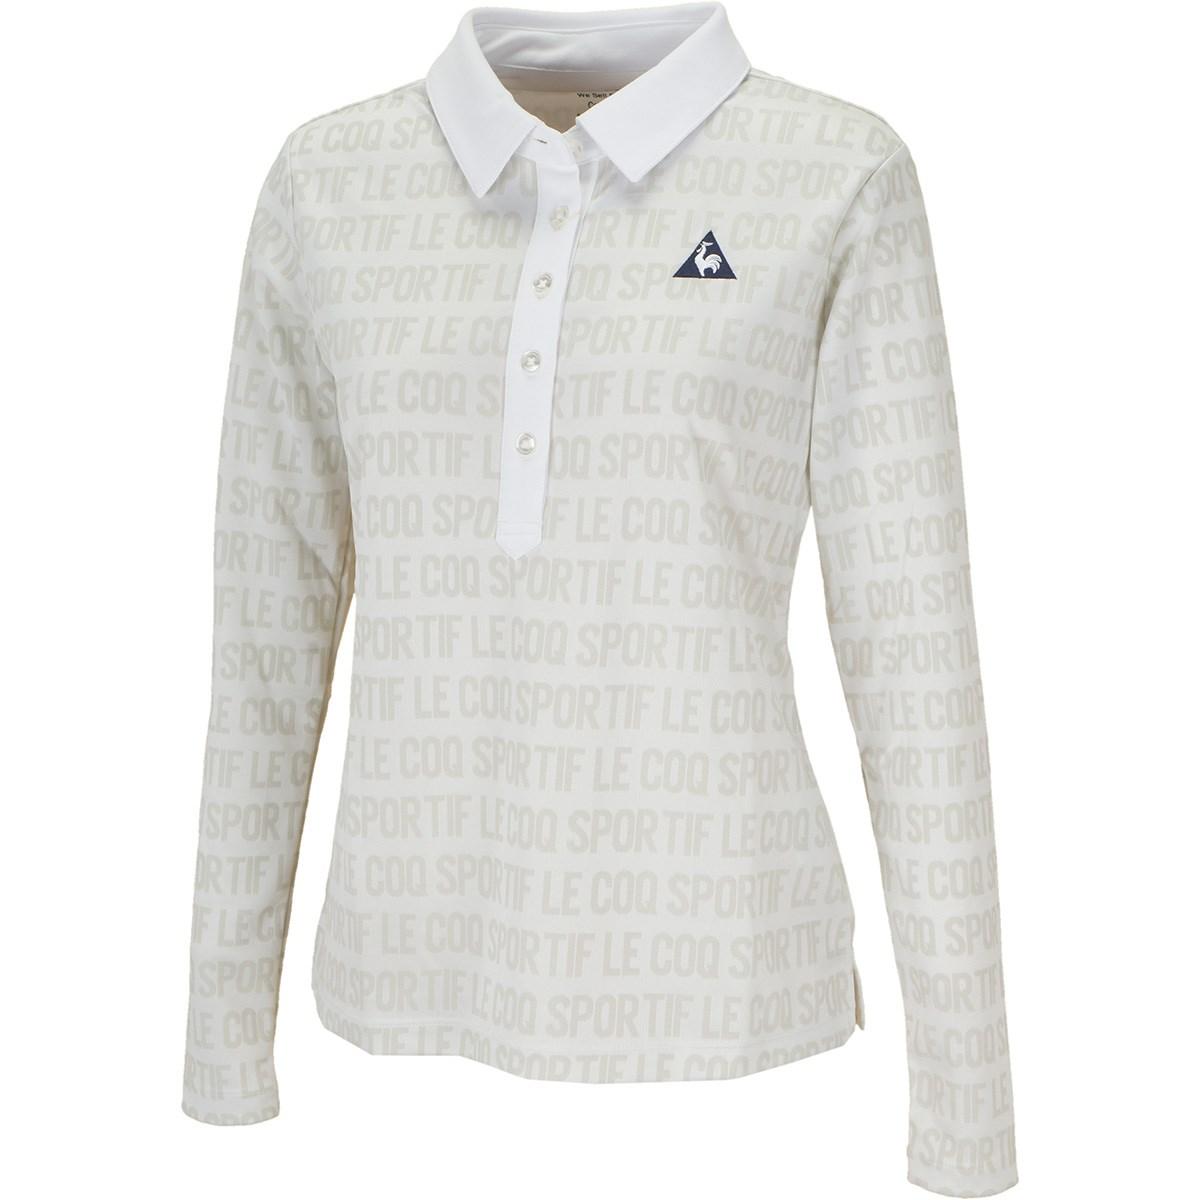 ルコックゴルフ Le coq sportif GOLF ロゴジャカード長袖ポロシャツ M ホワイト 00 レディス